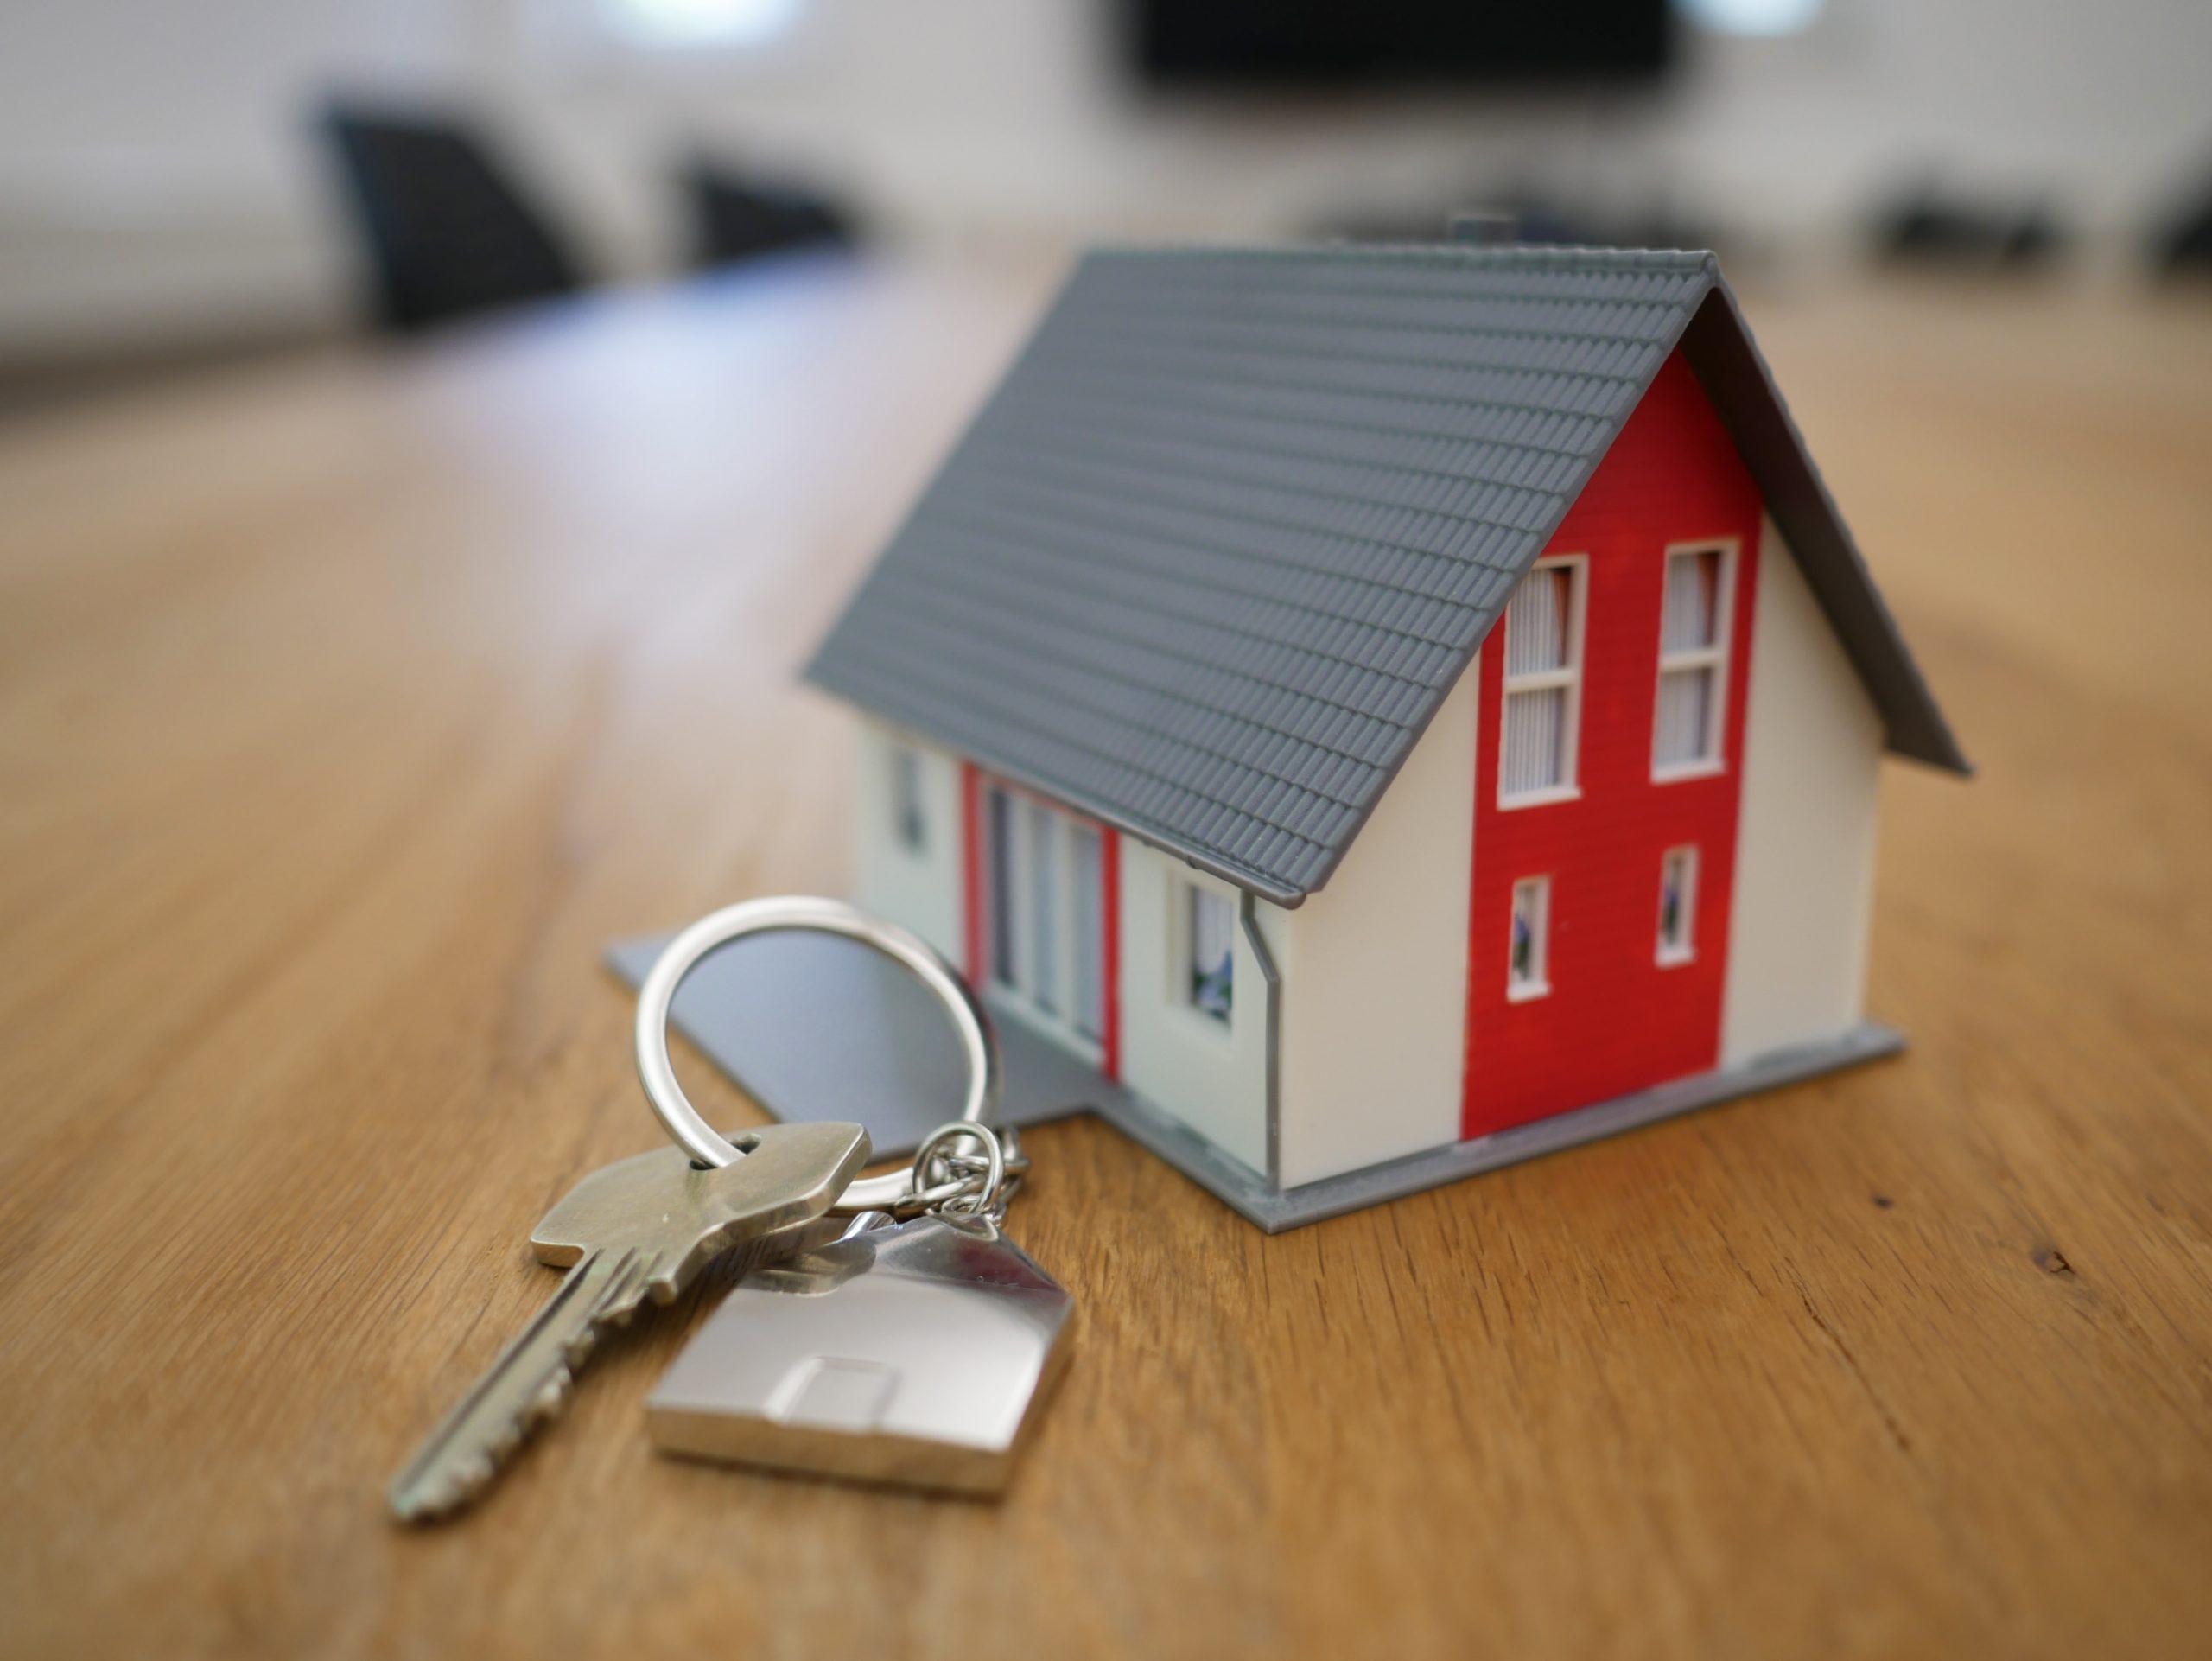 SEGUNDA OPORTUNIDAD: se puede conservar la vivienda habitual